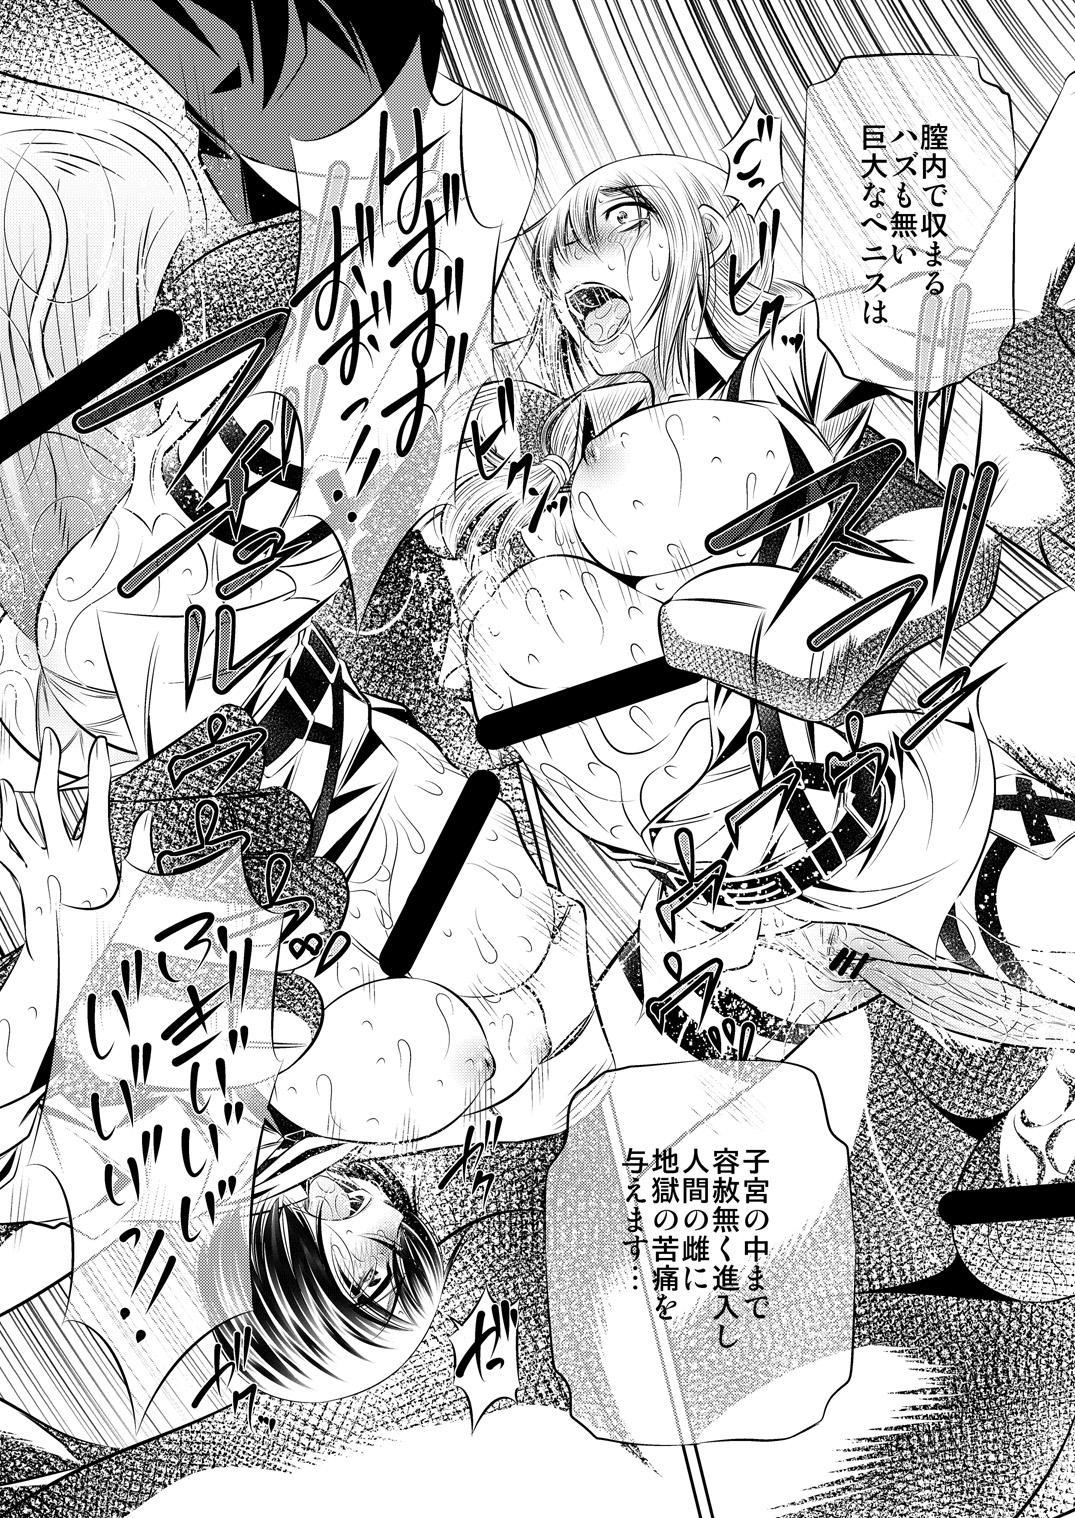 Shingeki no Kyokon 14